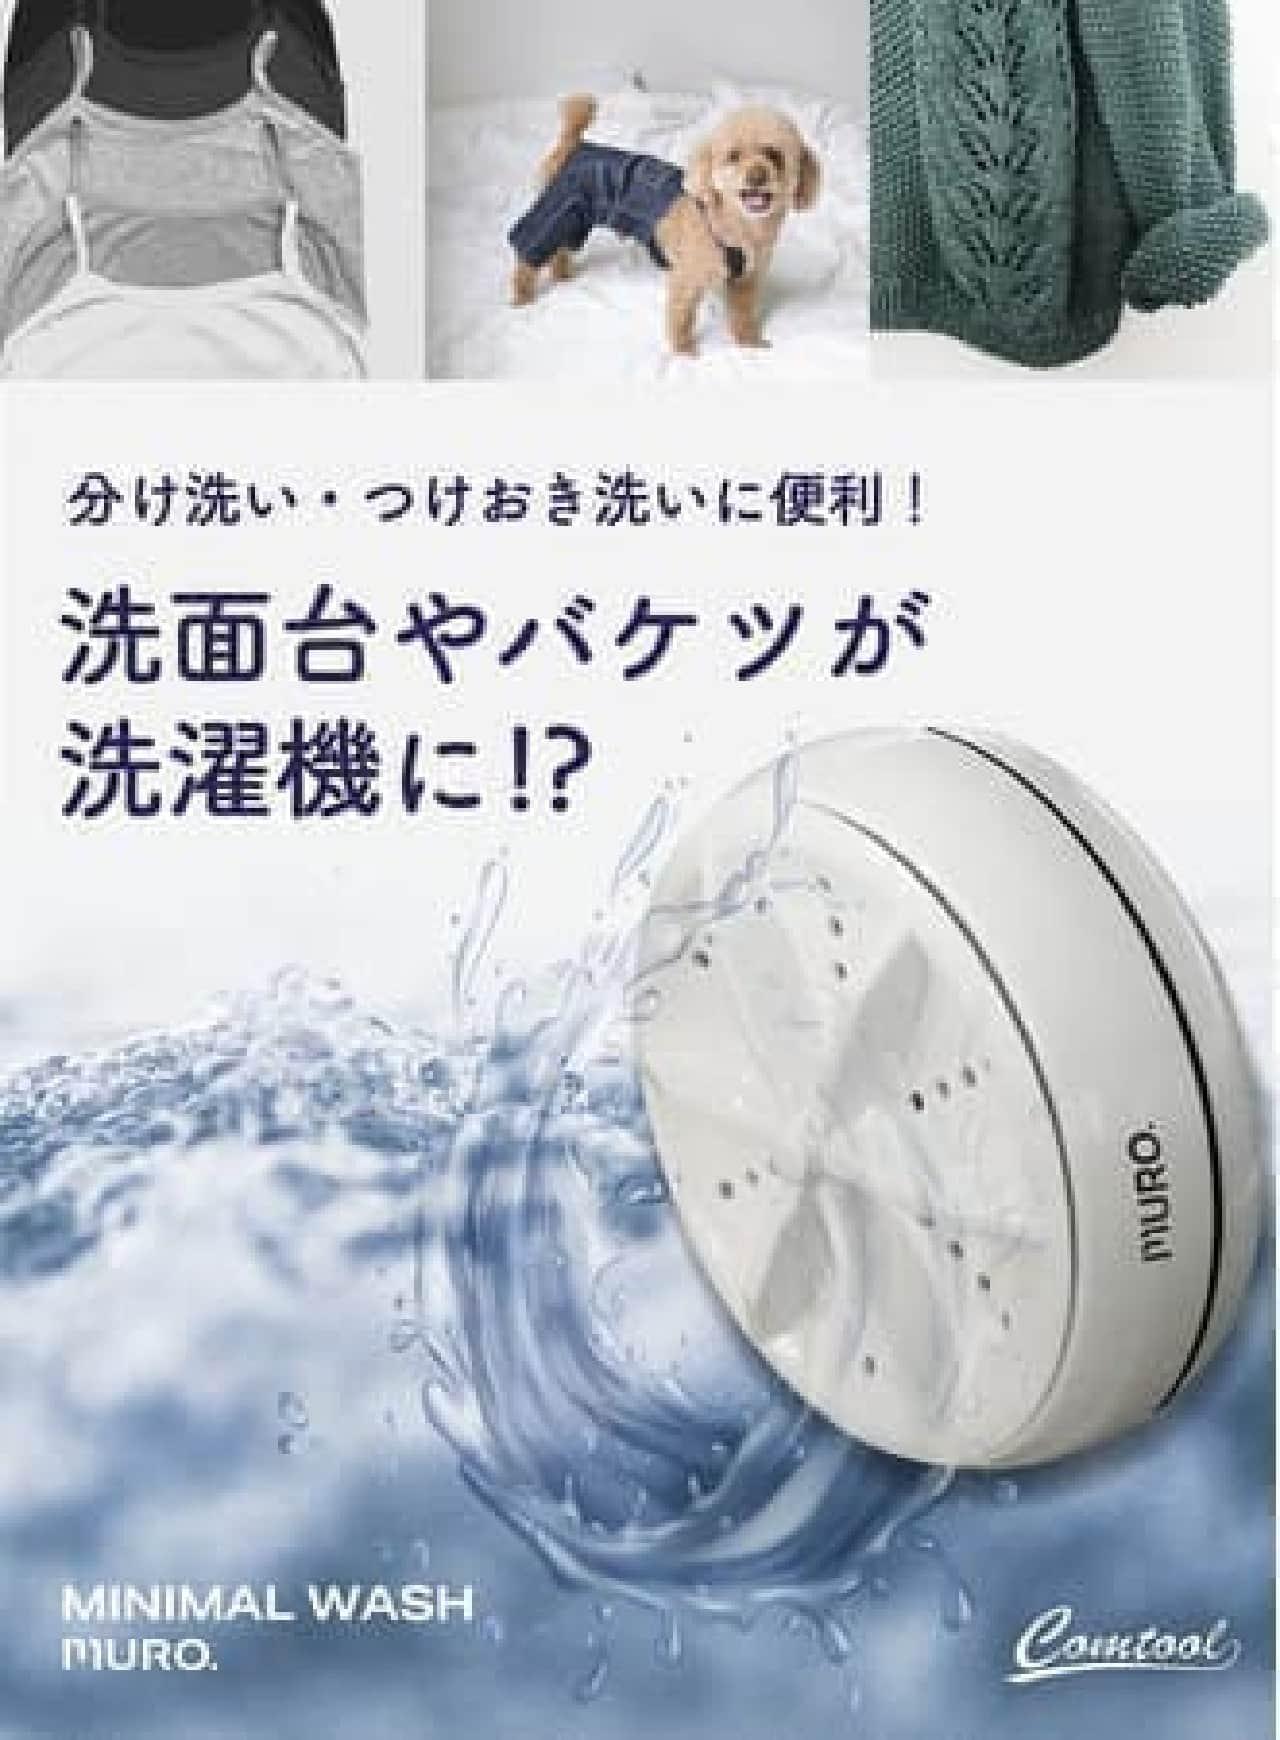 「モバイル洗濯機」ヴィレヴァンに登場 -- おしゃれ着を簡単に手洗い